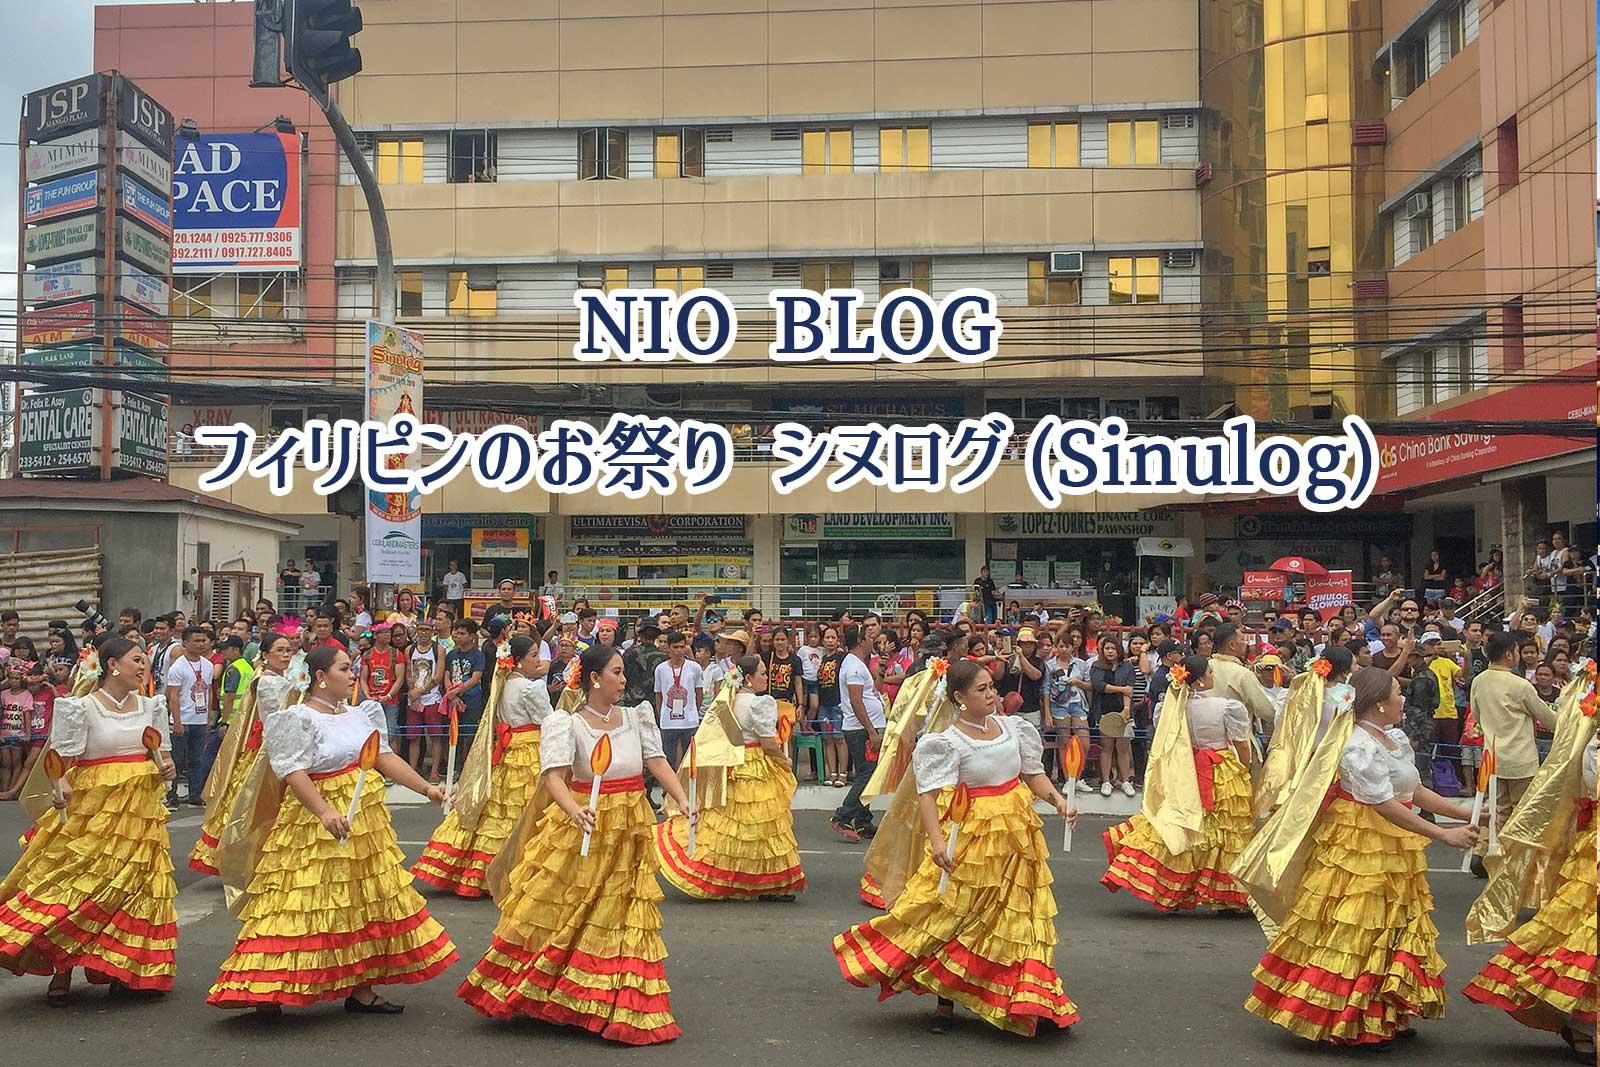 フィリピンのお祭りシヌログ(Sinulog)